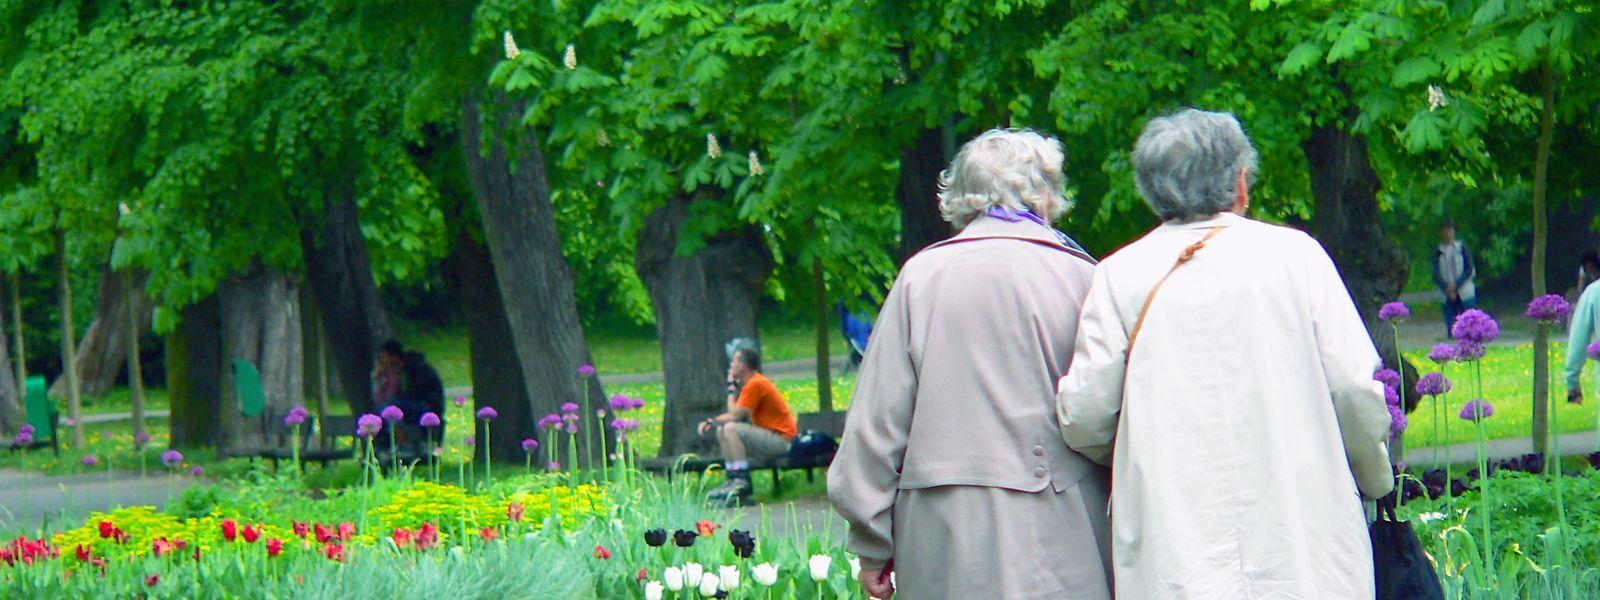 Alter oder auch Altern bedeutet zunächst einmal nichts anderes als das Vergehen von viel Zeit im Leben eines Organismus.